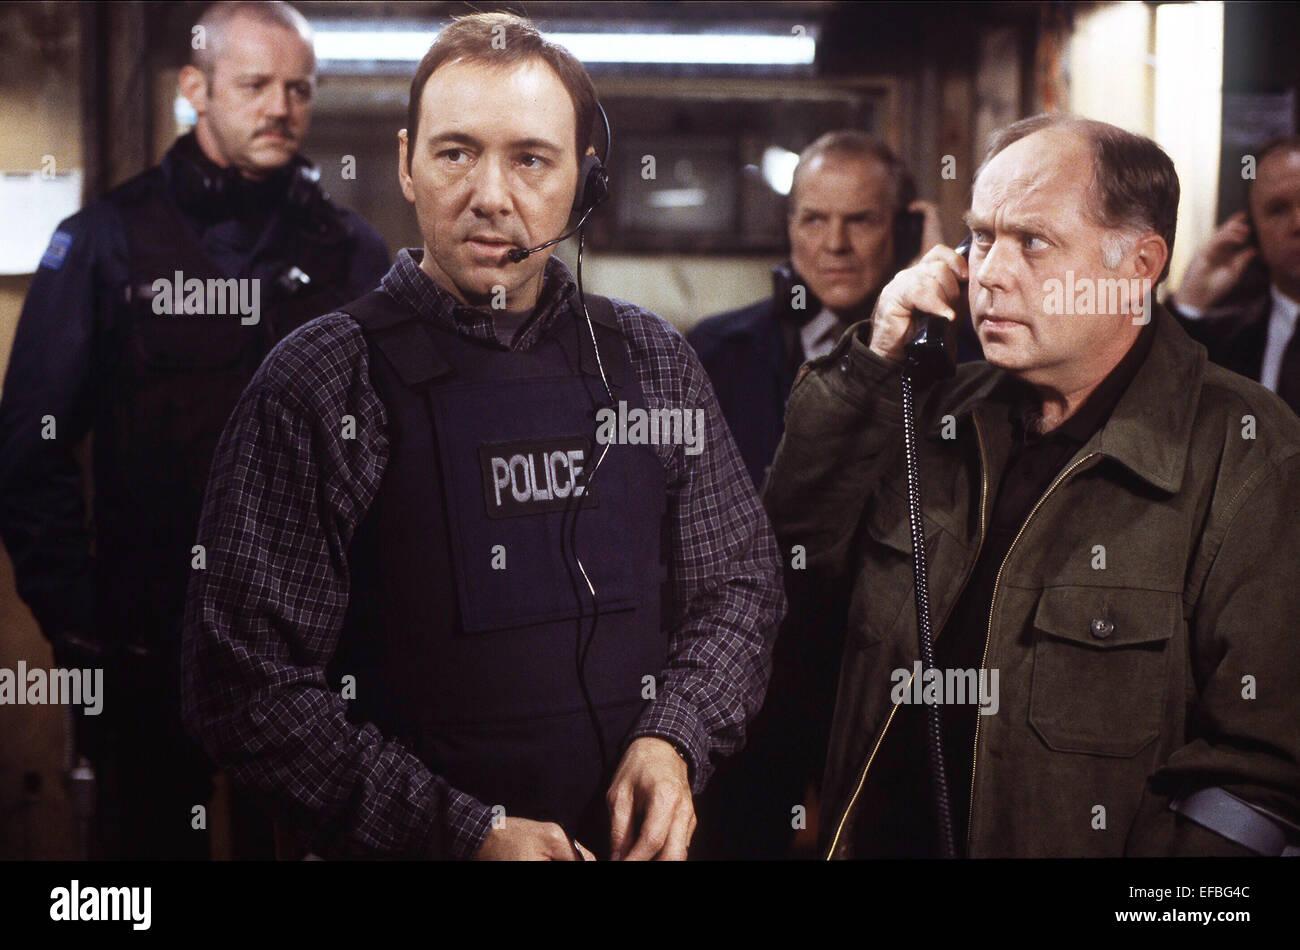 DAVID MORSE, Kevin Spacey, el negociador, 1998 Foto & Imagen De Stock:  78315452 - Alamy